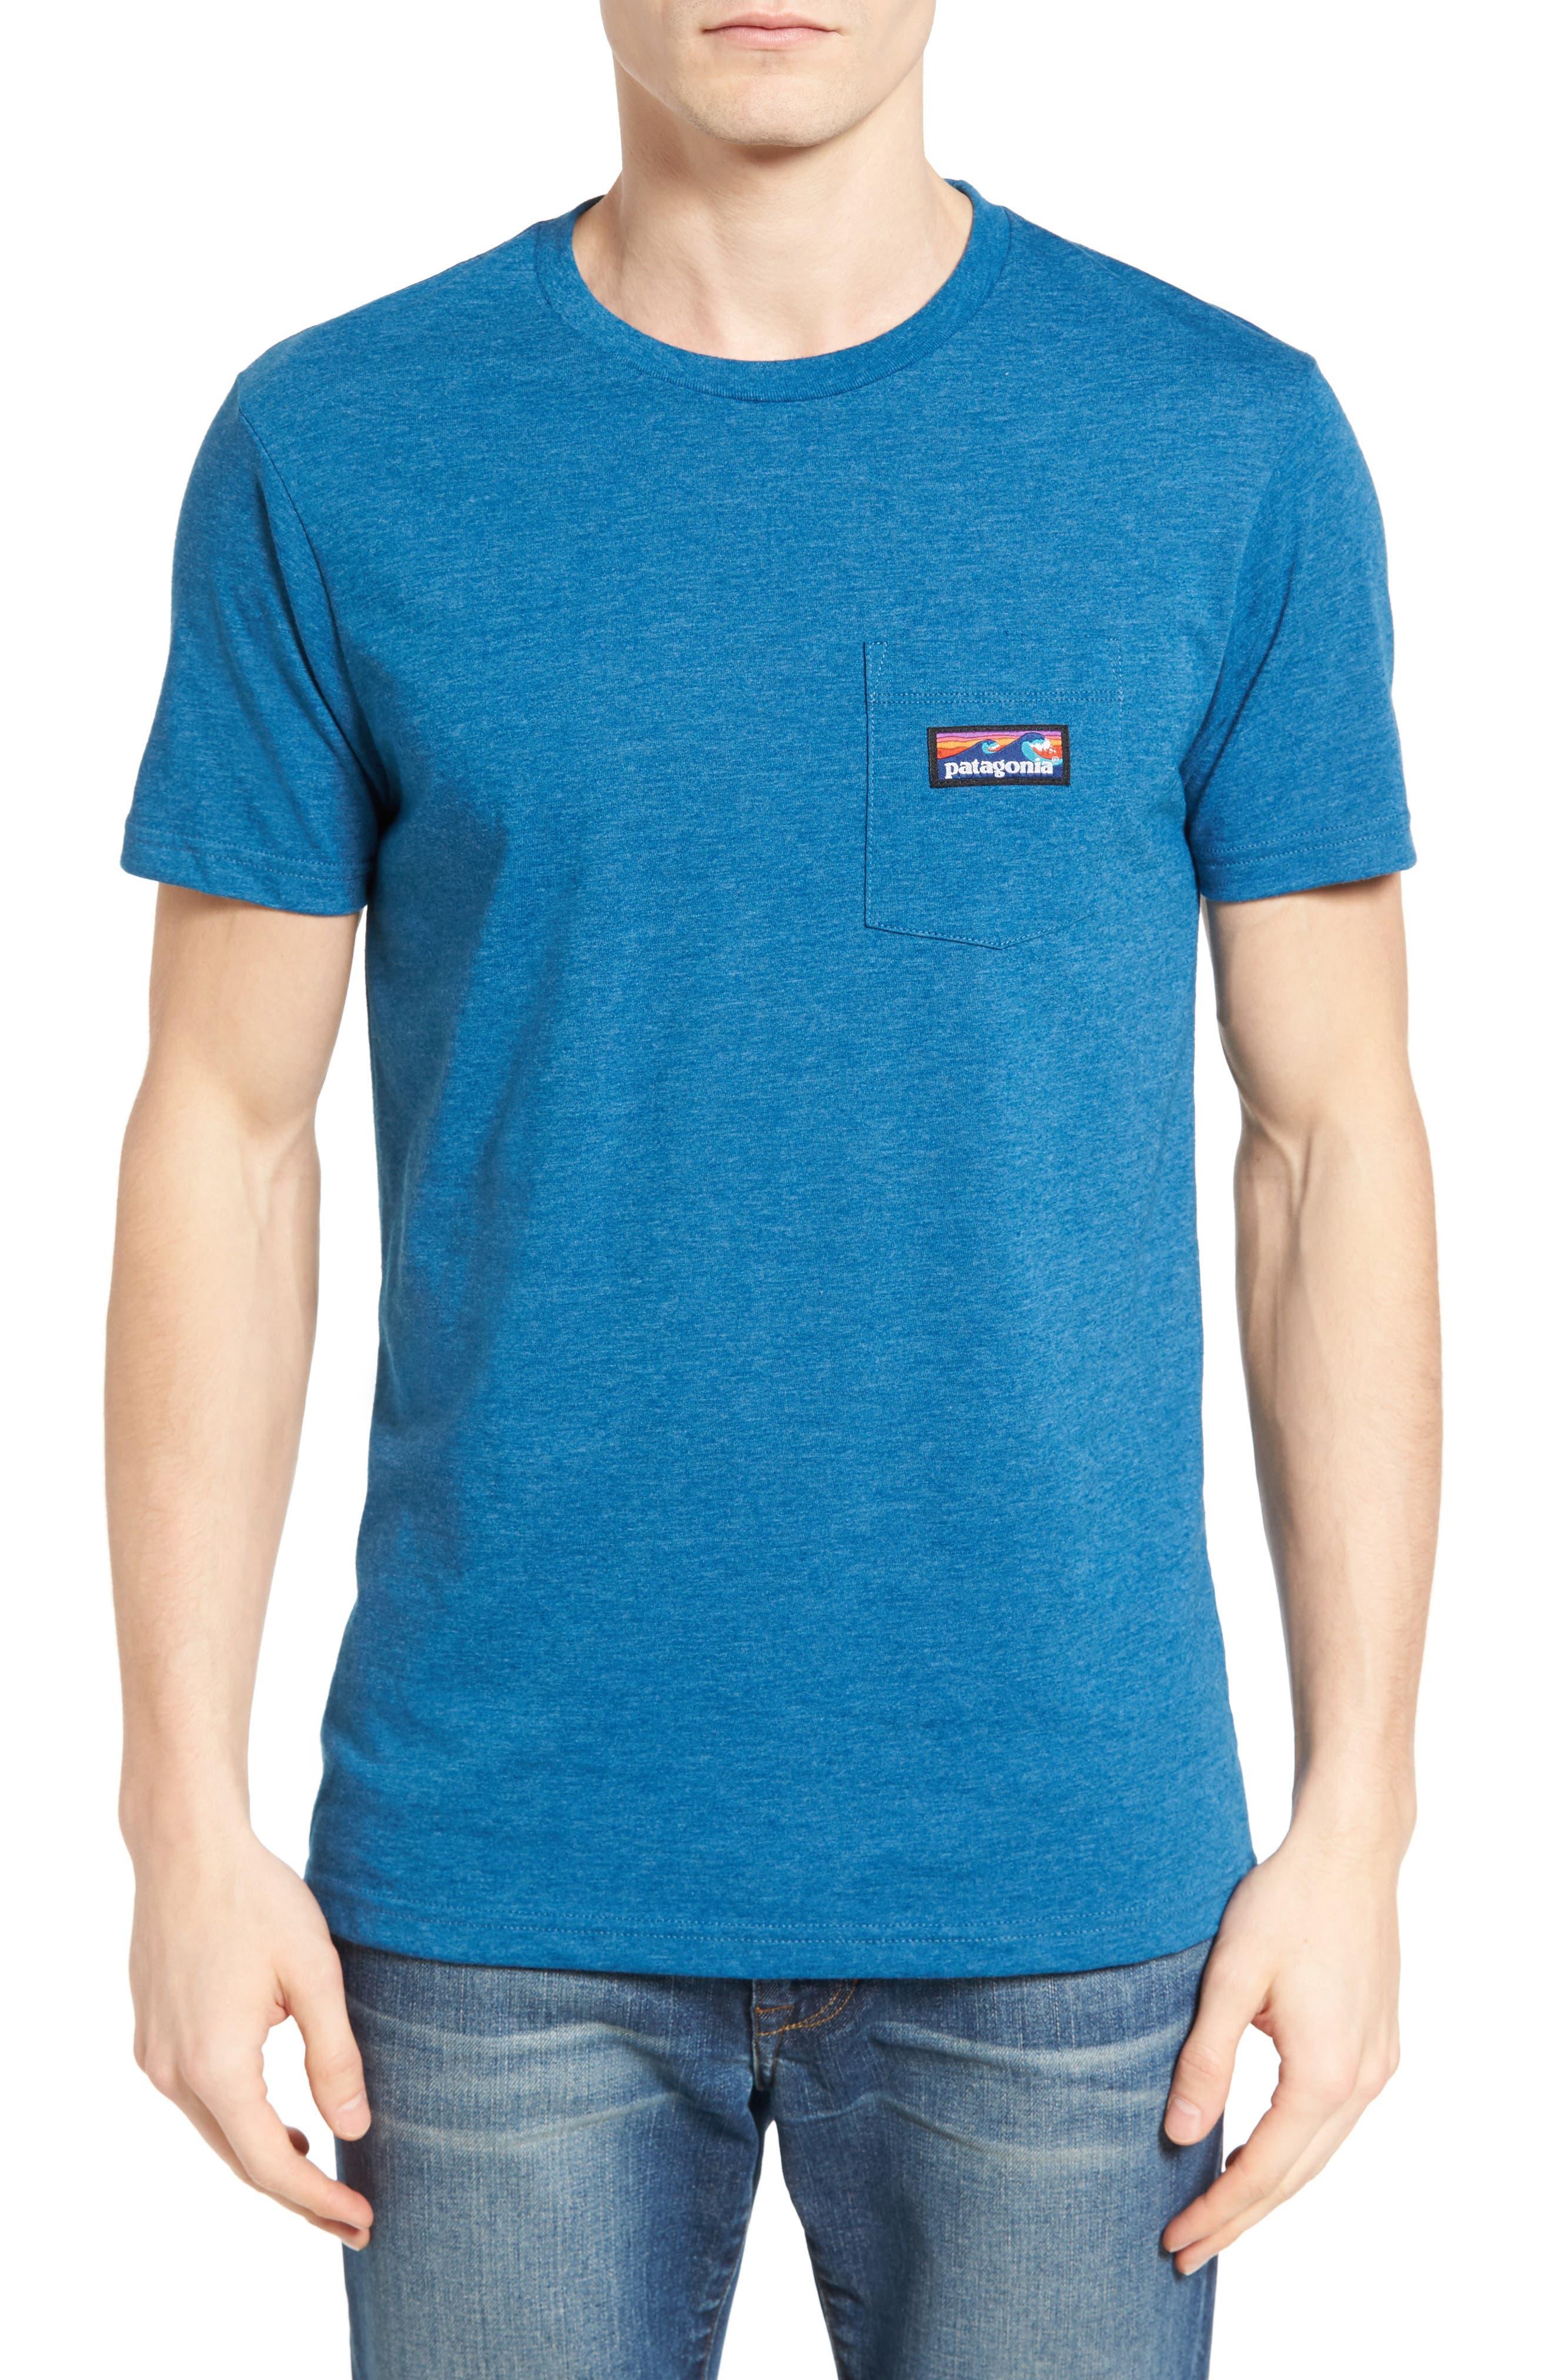 Alternate Image 1 Selected - Patagonia Board Short Label T-Shirt